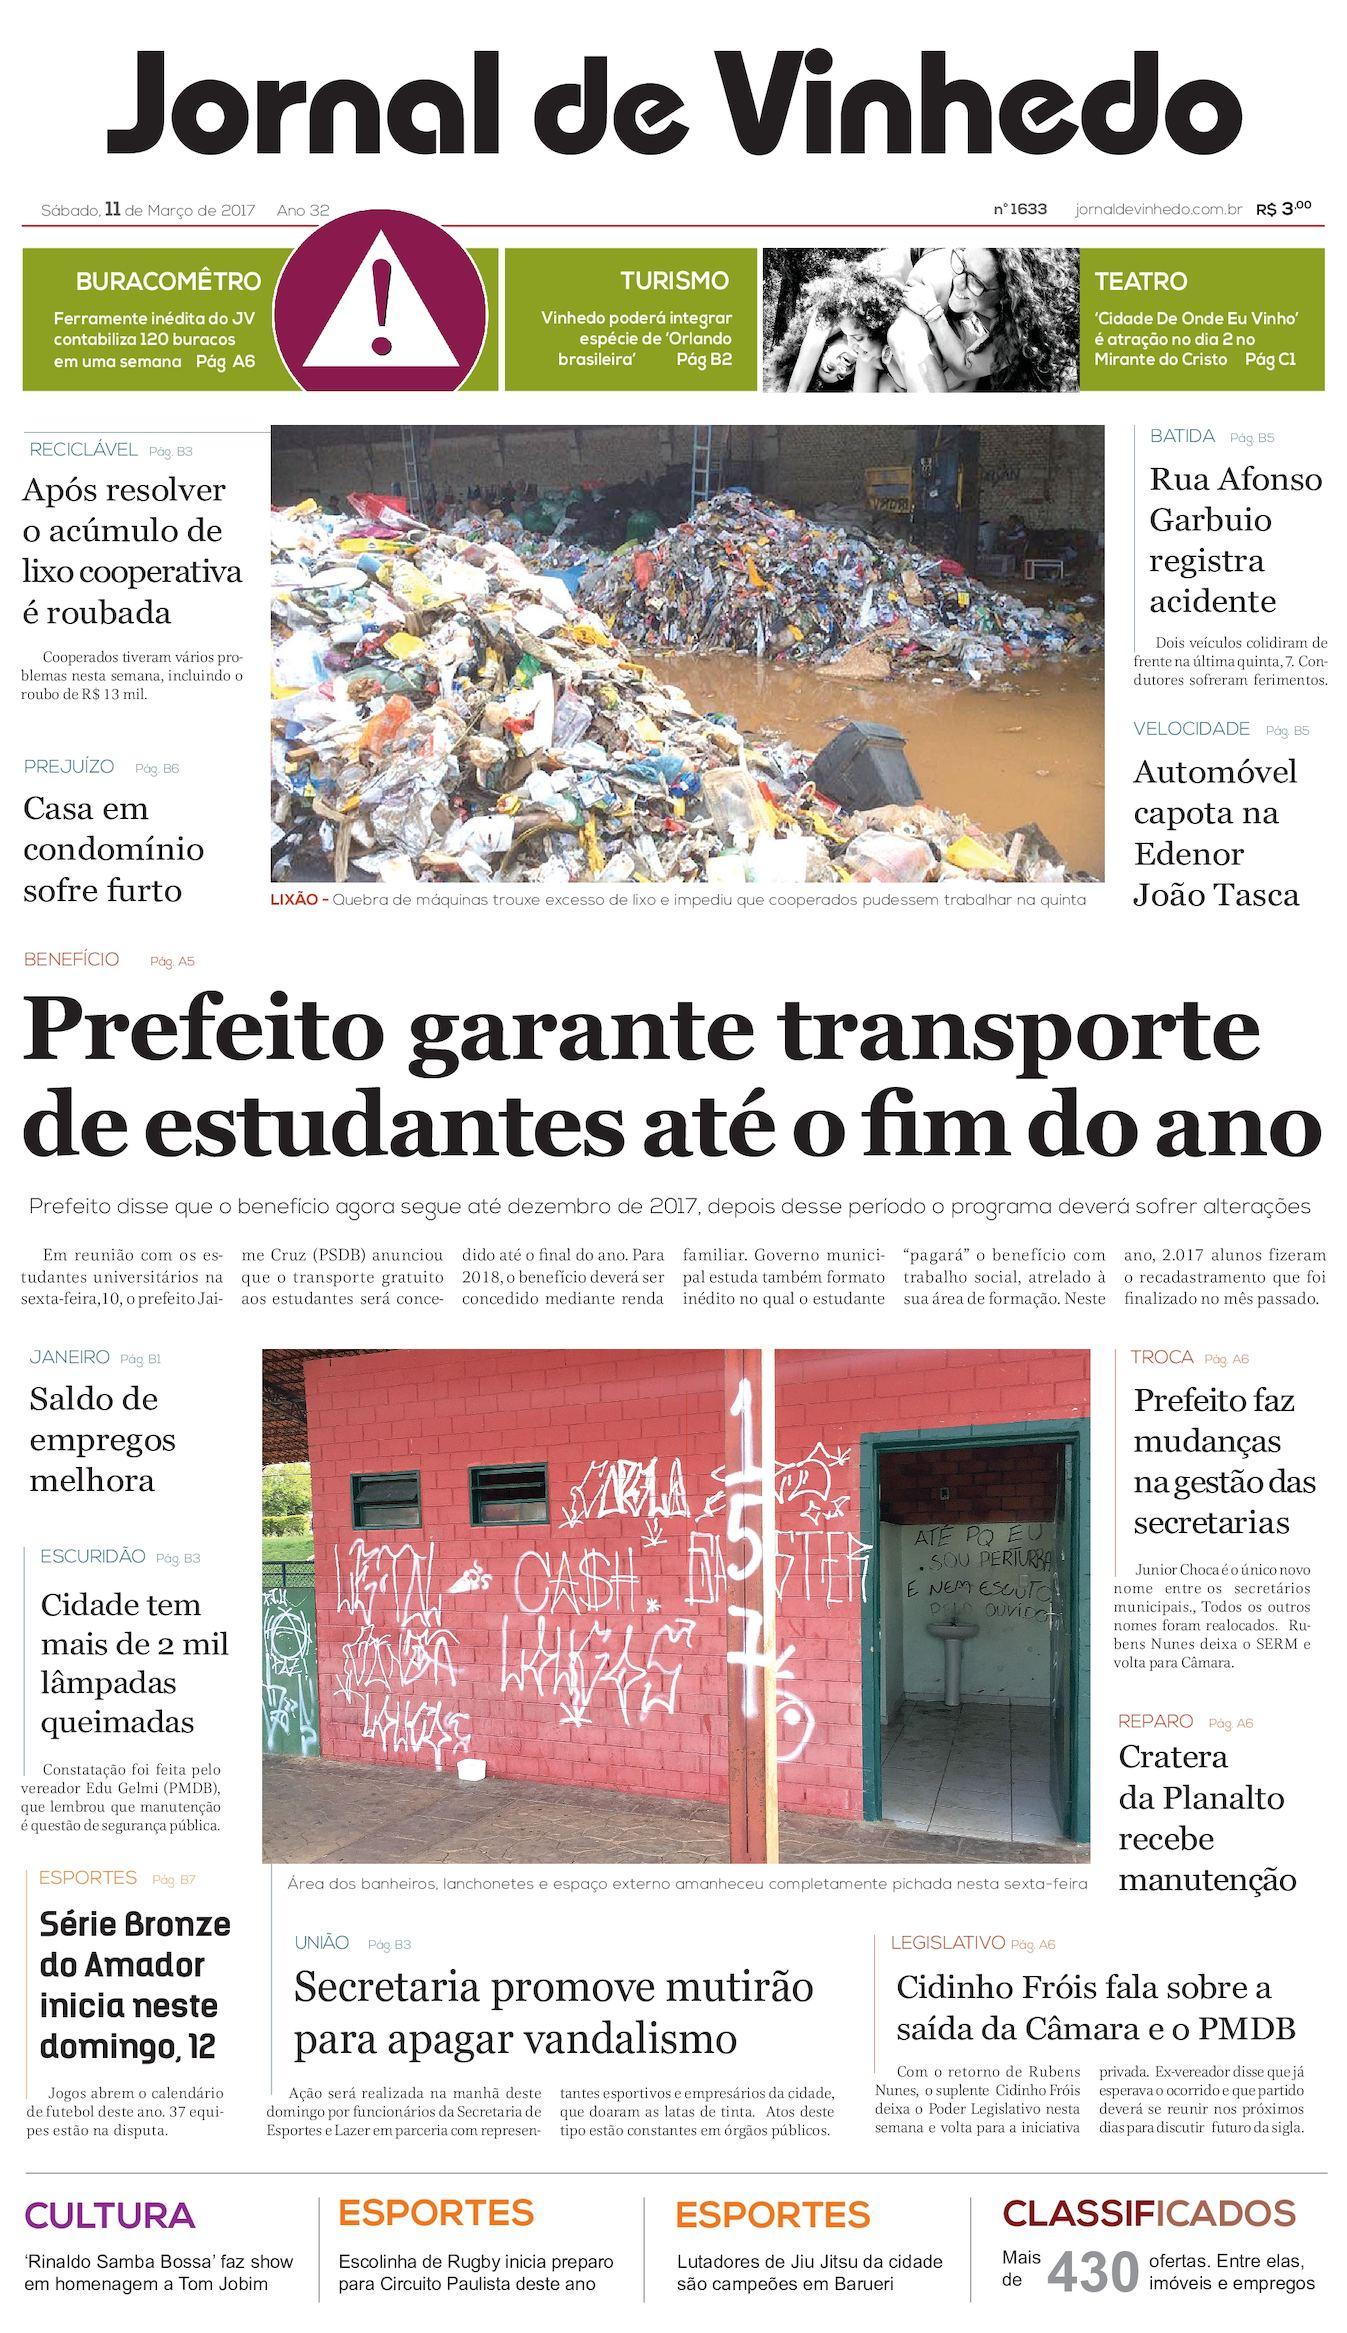 a22678c683d Calaméo - Jornal De Vinhedo Sabado 11 De Março De 2017 Edic 1633